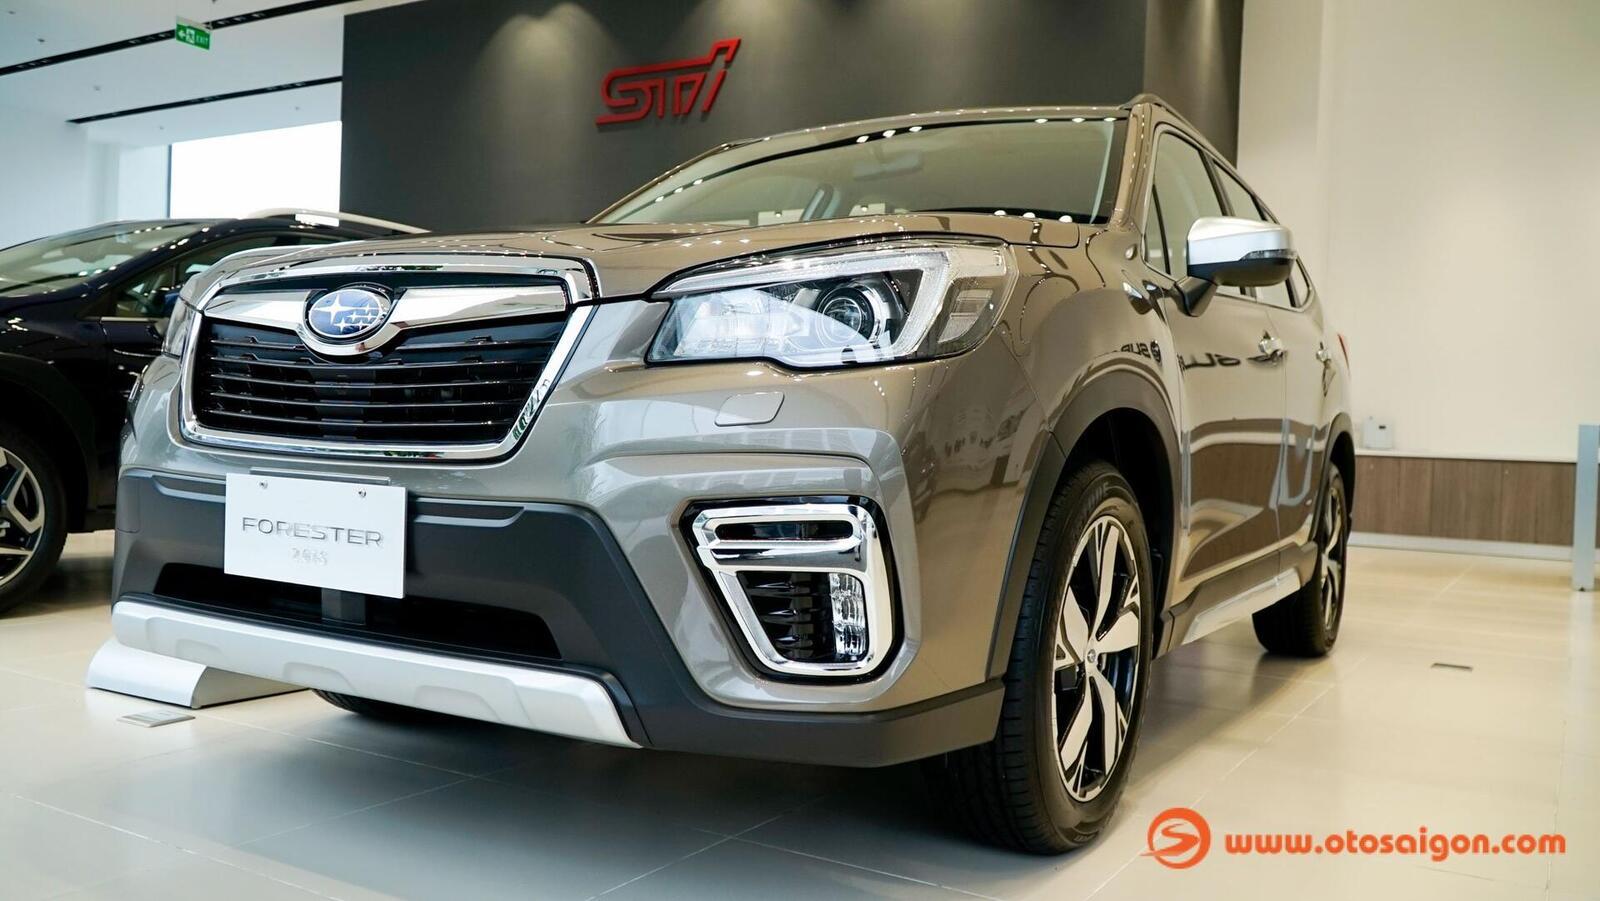 Đánh giá nhanh Subaru Forester thế hệ mới và sự khác biệt giữa hai phiên bản - Hình 6